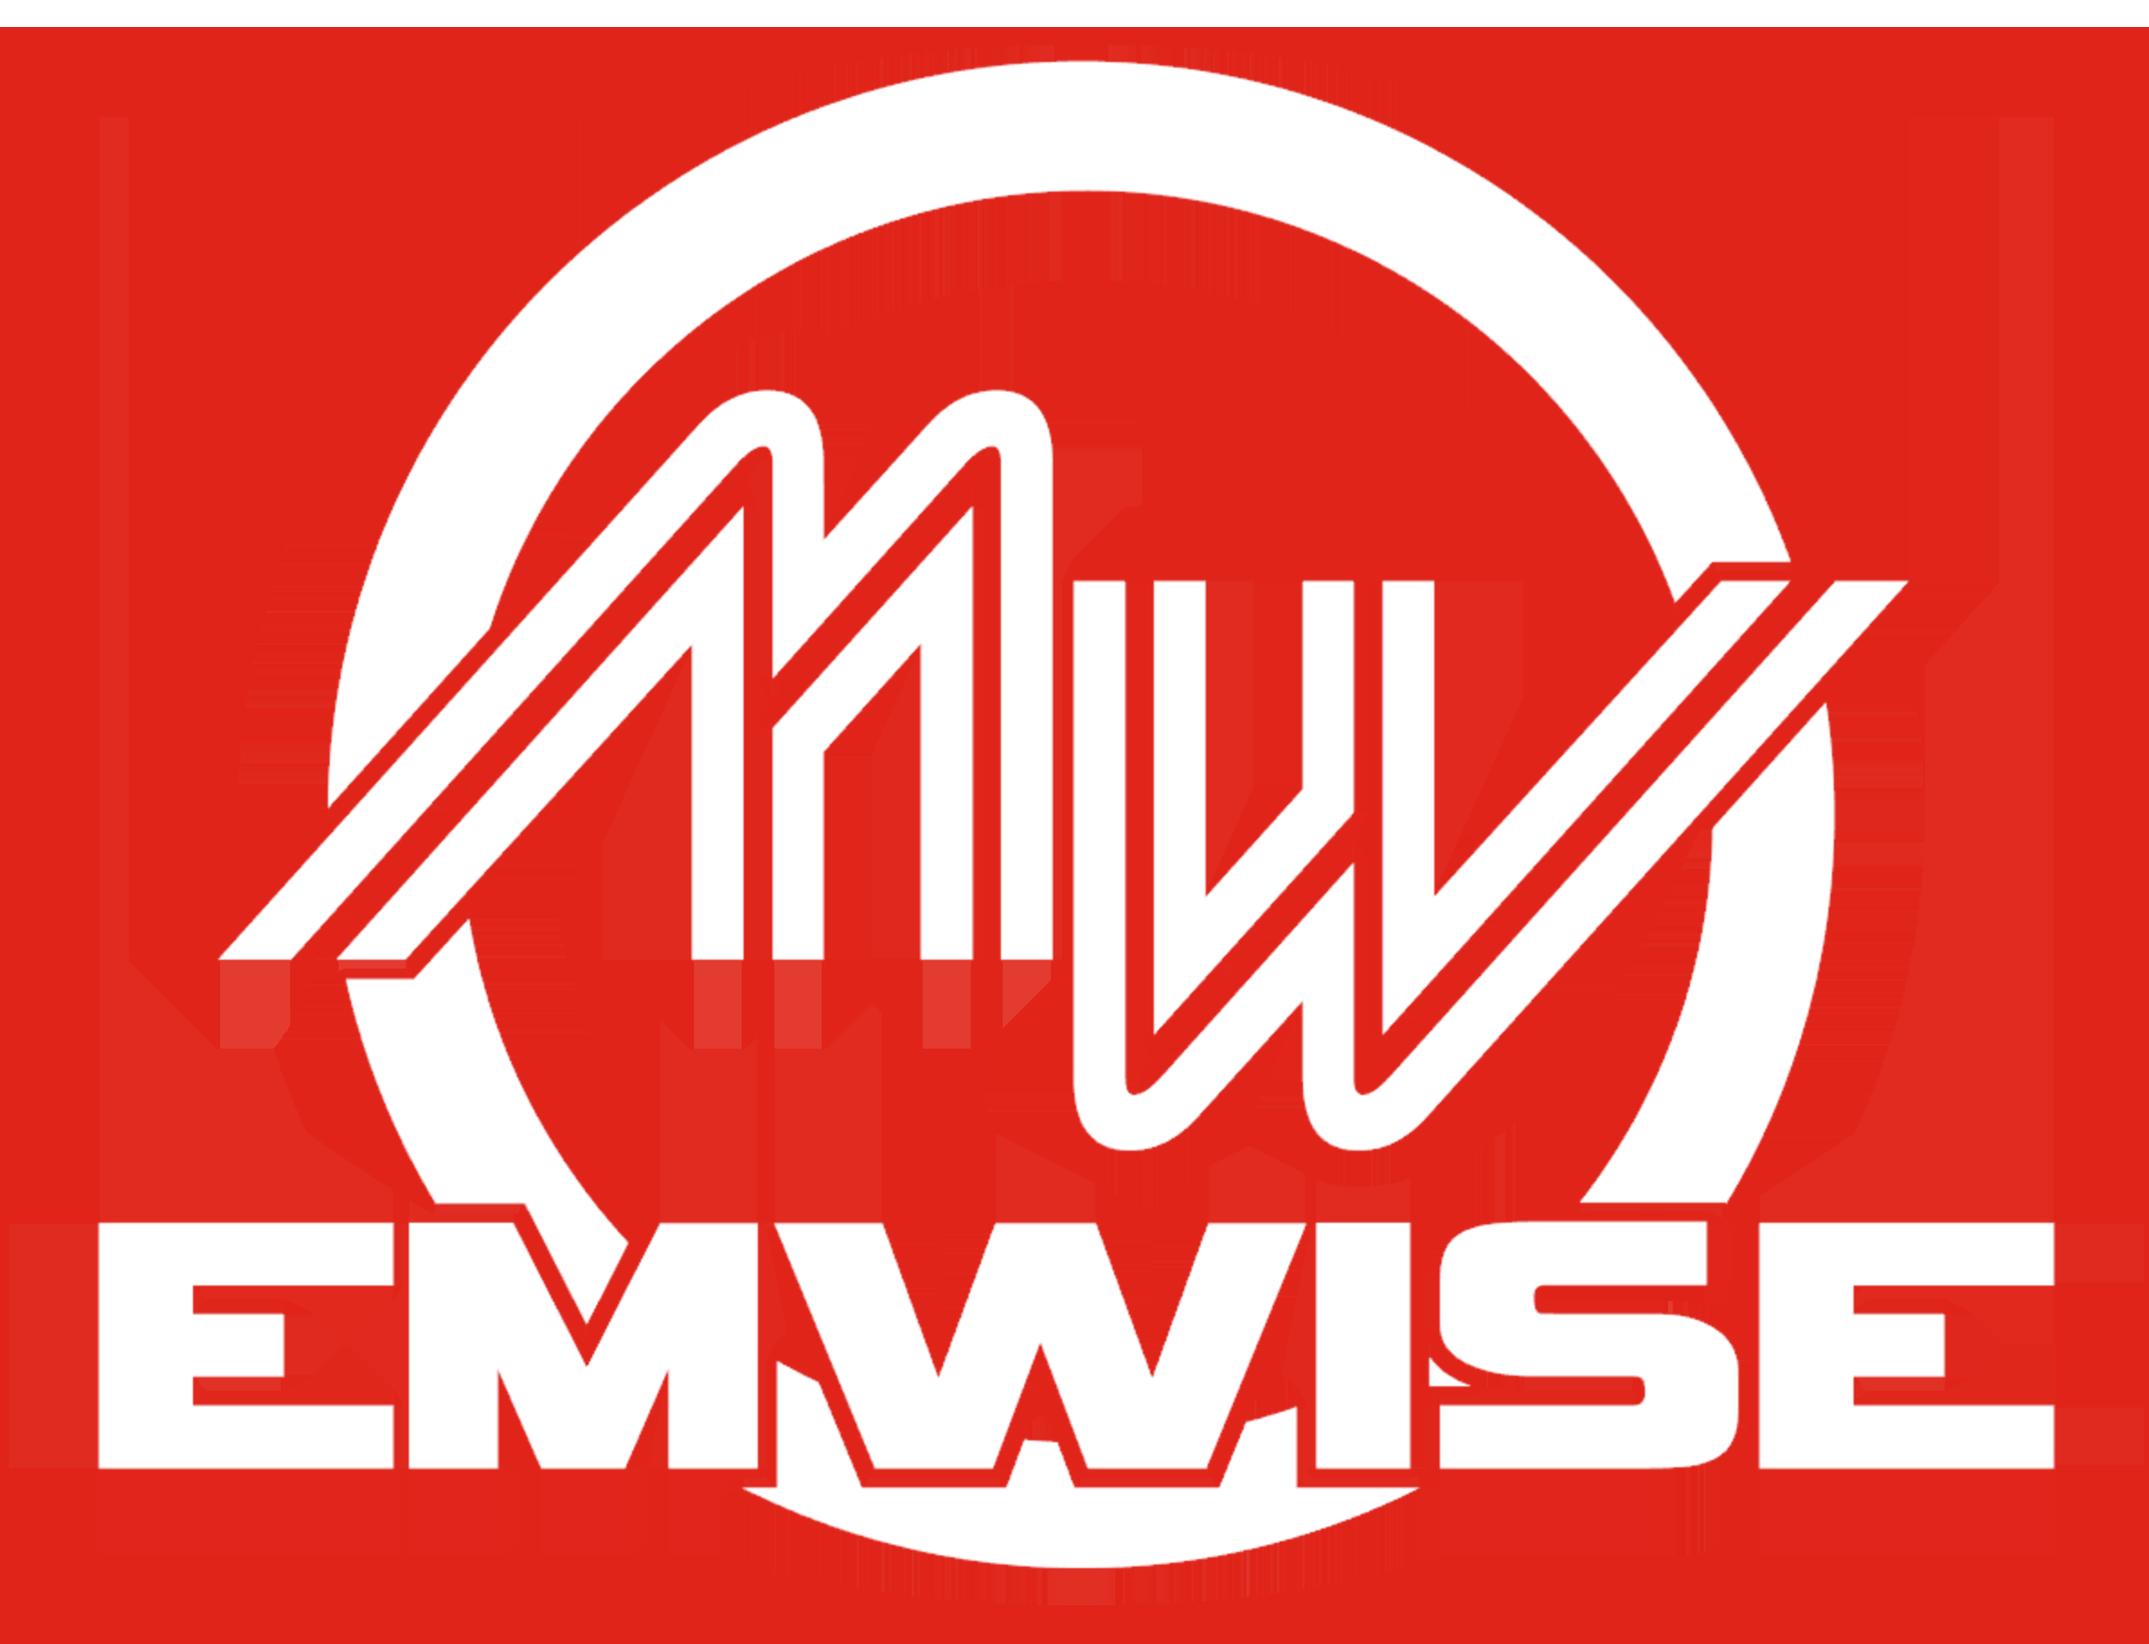 EMWISE